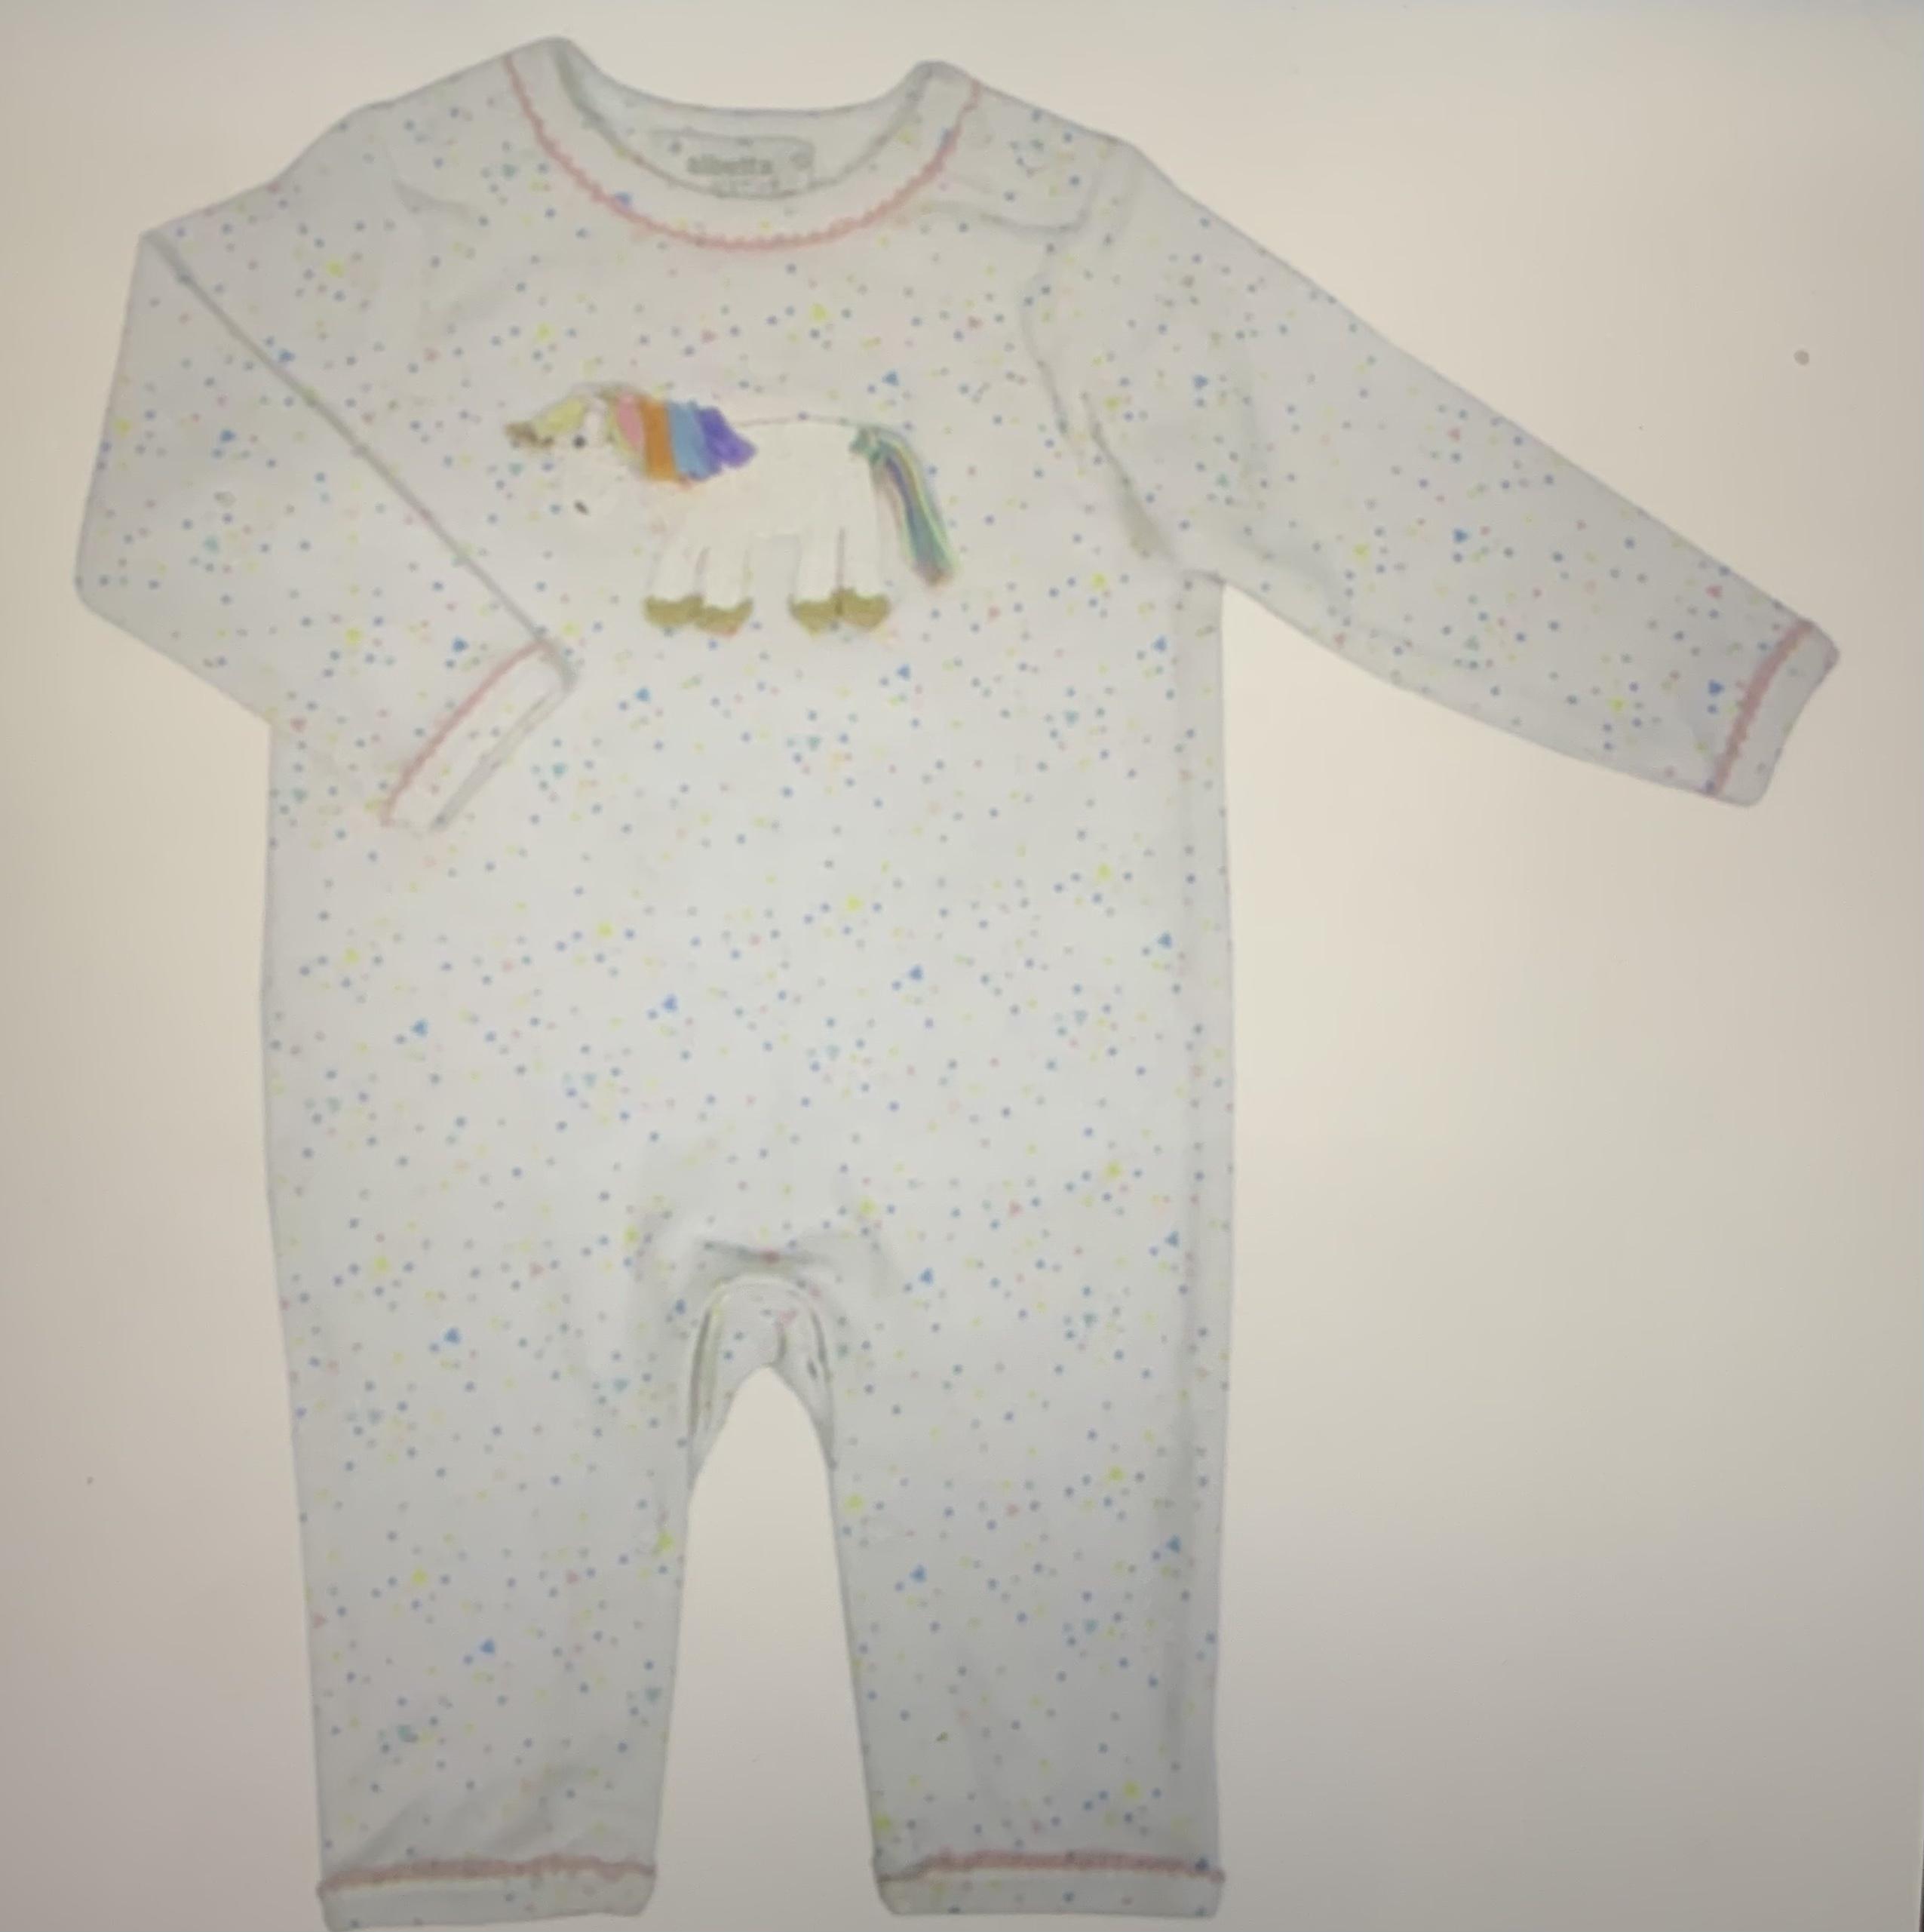 Albetta Babygrow - Unicorn